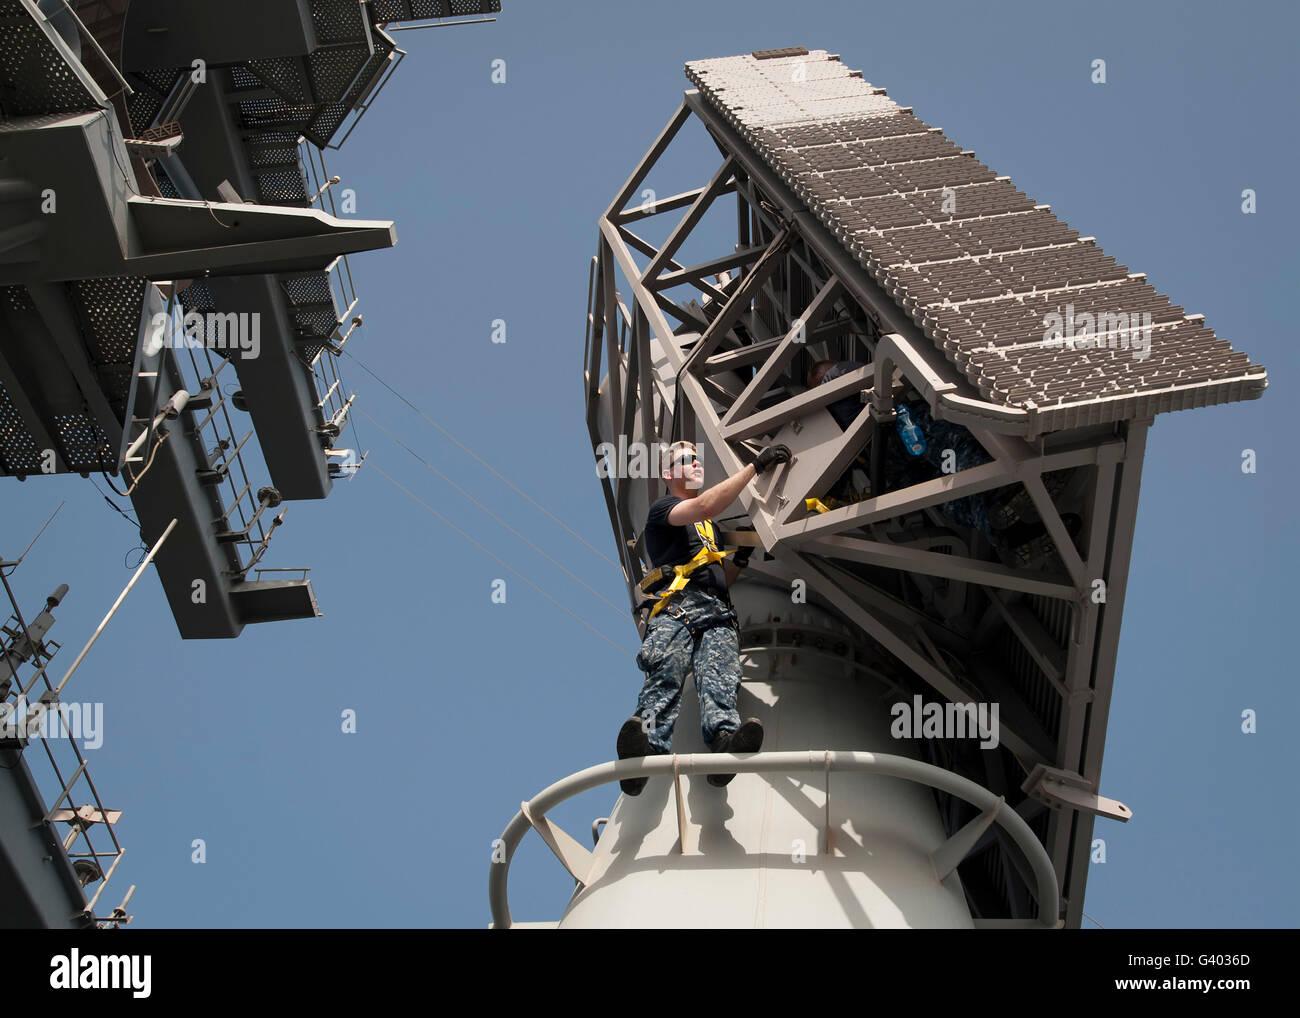 Fire Controlmen conduct maintenance on an SPS/AN-48E radar. - Stock Image